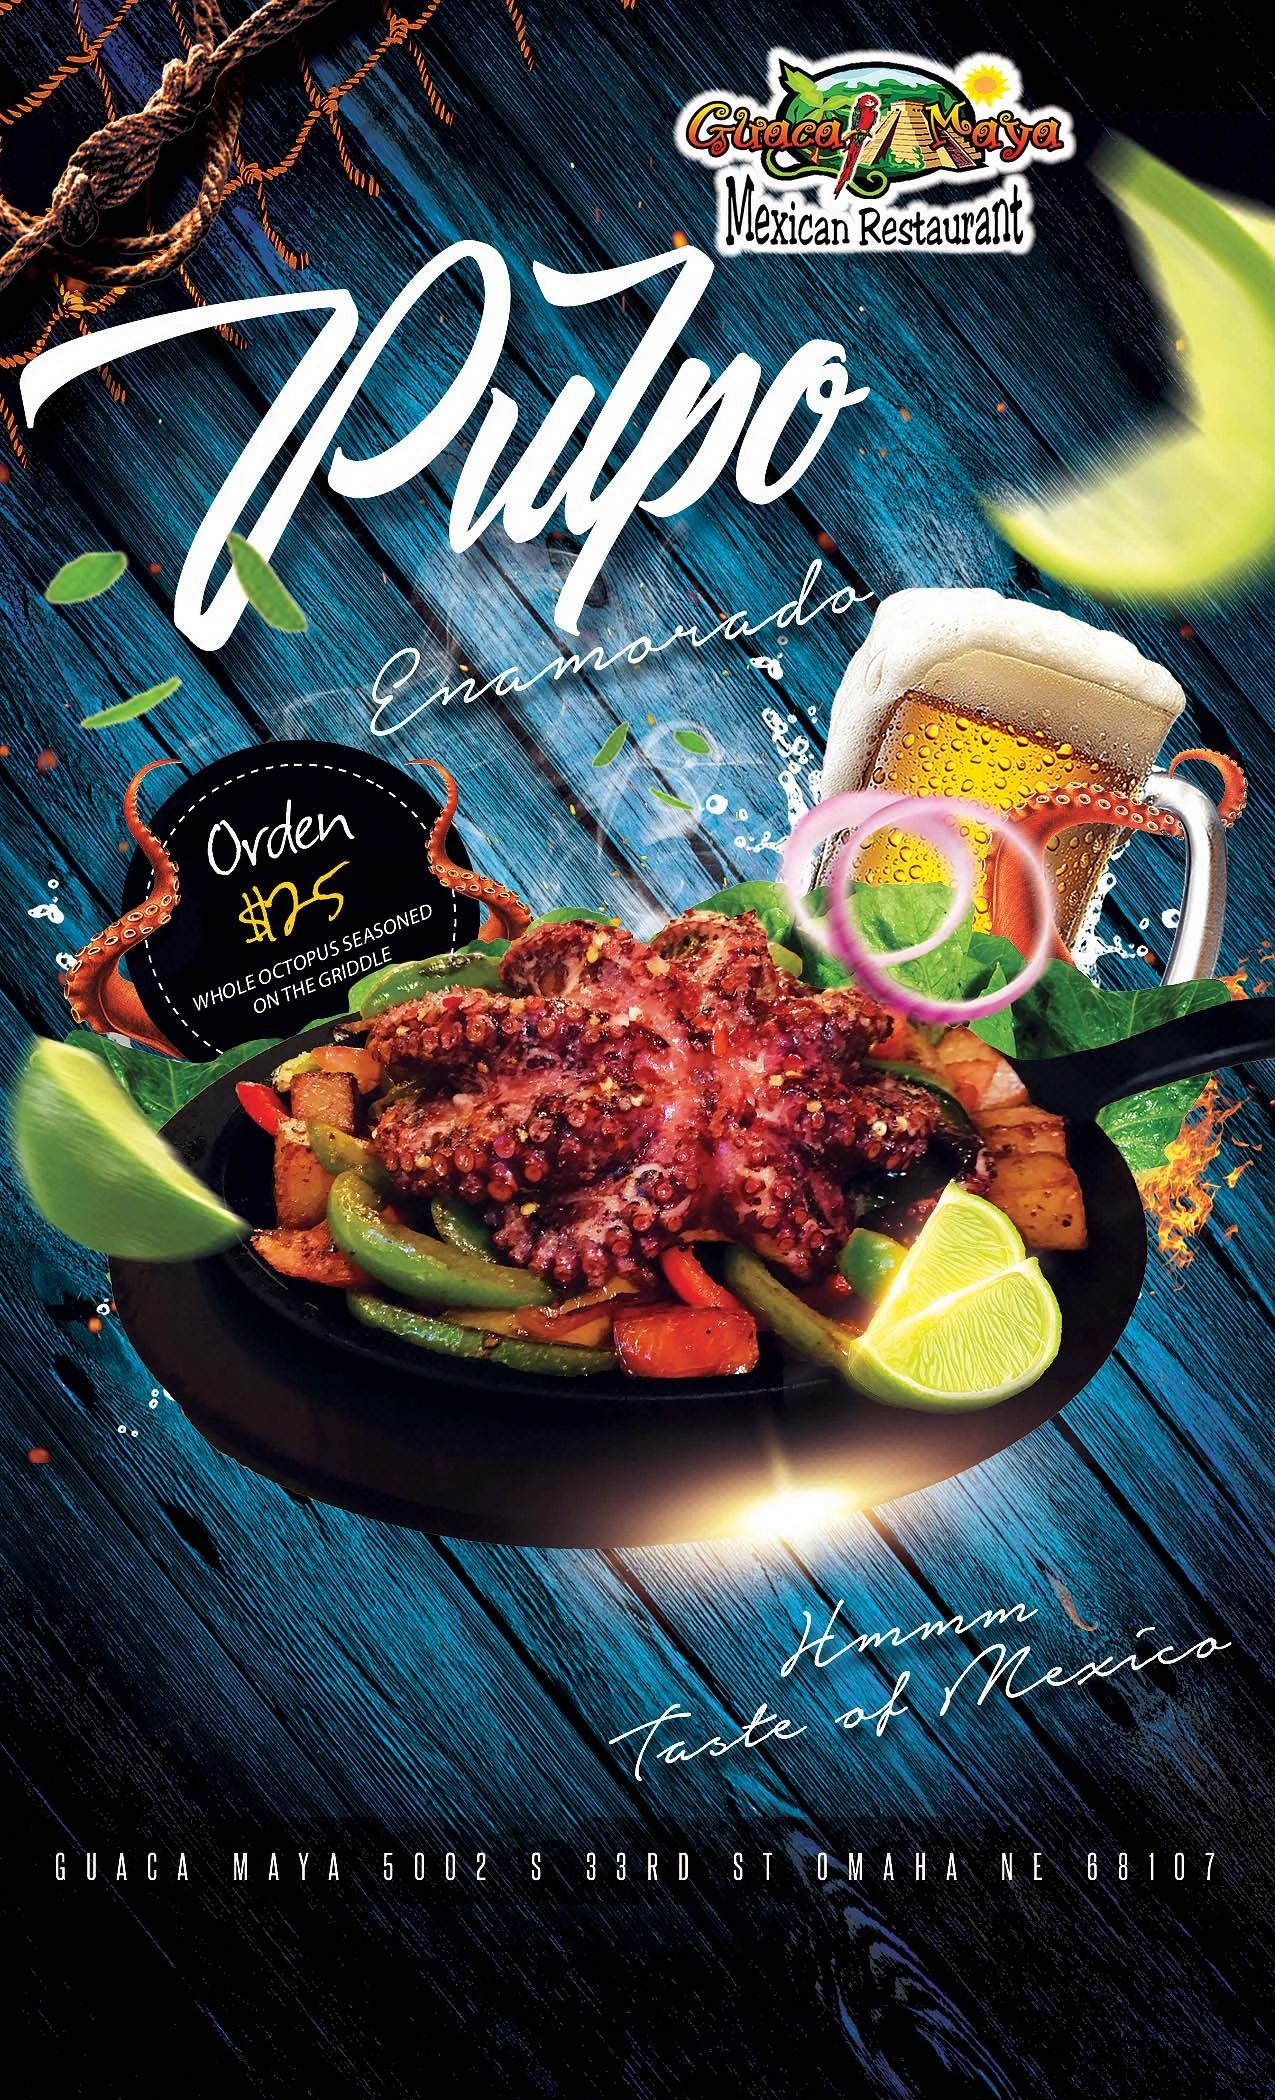 Guaca Maya Restaurant Mexican Food Night Club